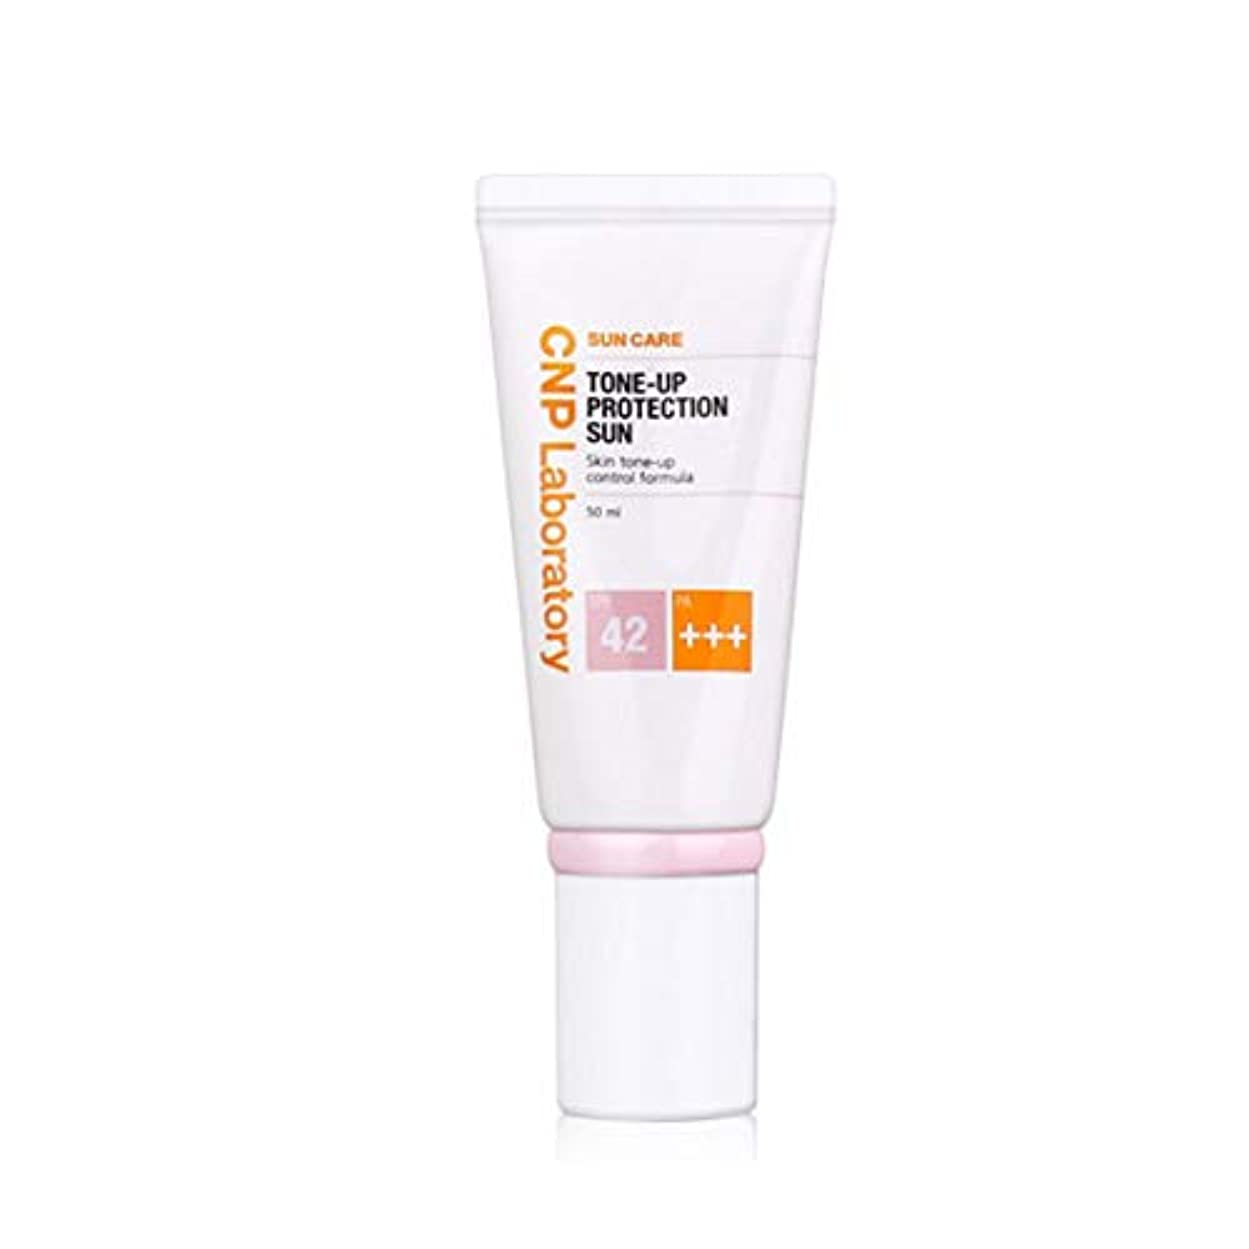 振り返るチャート噴火CNPトンオププロテクションサン?クリーム紫外線遮断剤 (SPF42 / PA+++) 50ml、CNP Tone-up Protection Sun Cream (SPF42 / PA+++) 50ml [並行輸入品]